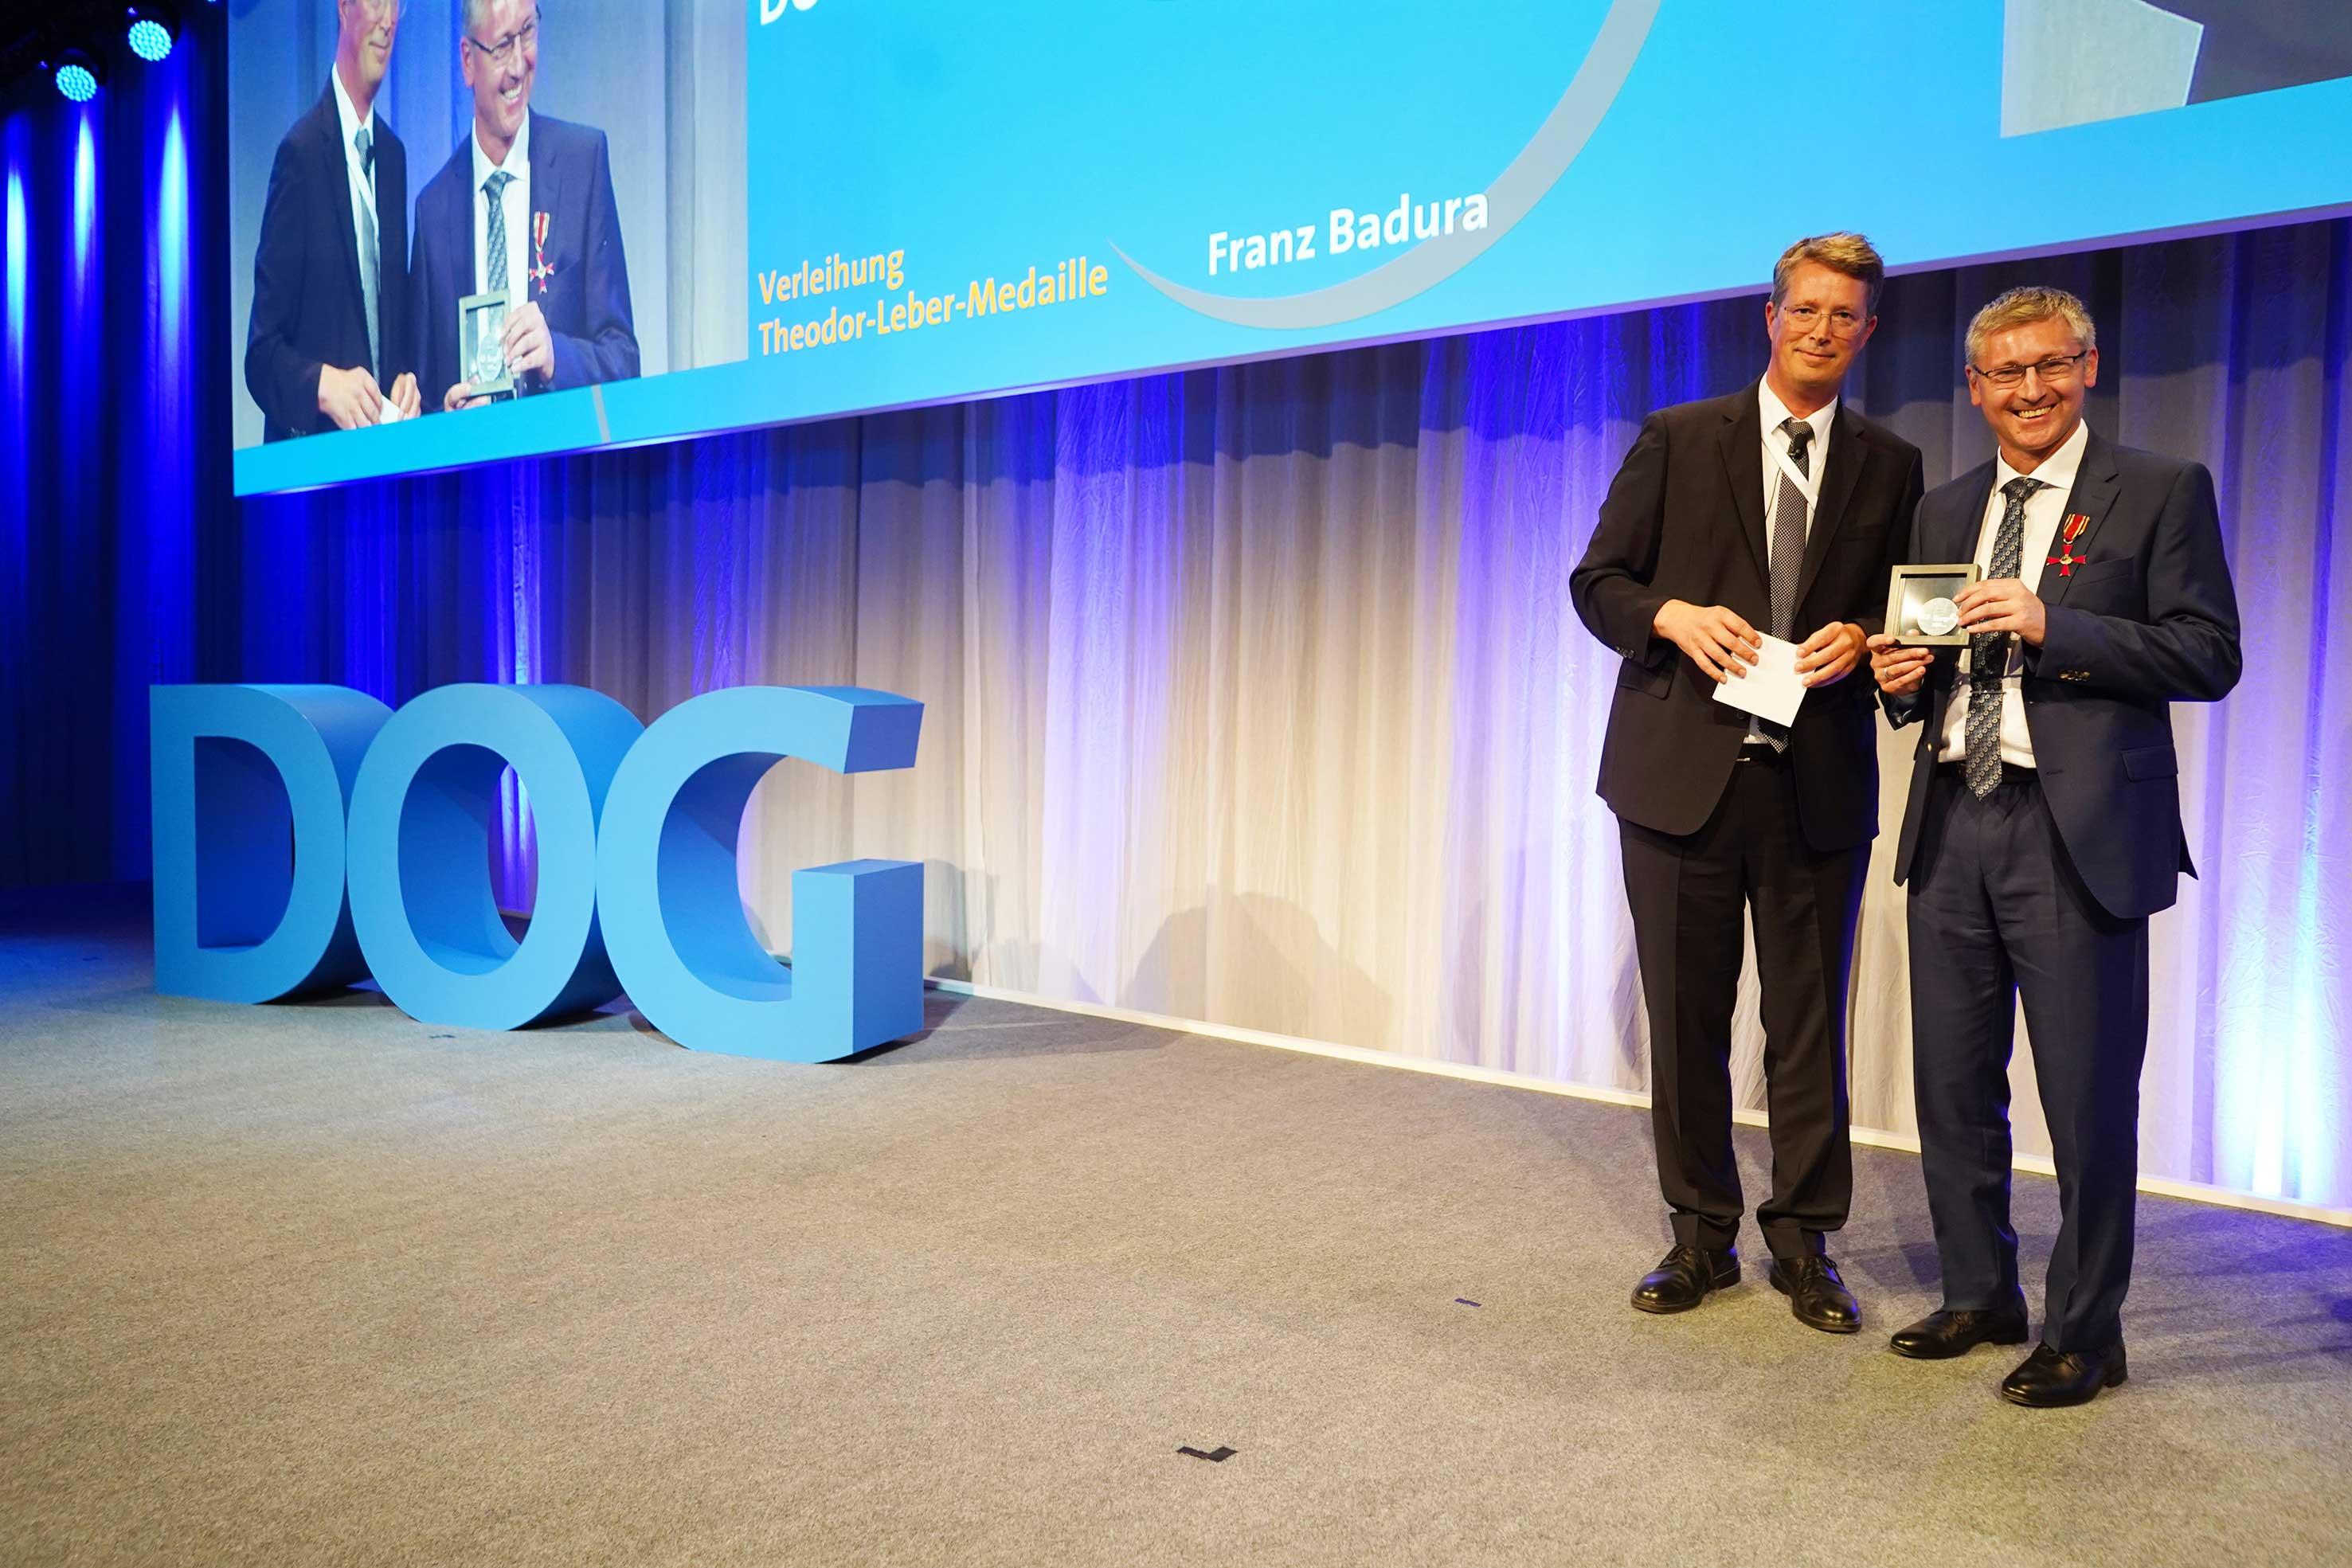 Erster Preisträger für die neue Theodor-Leber-Medaille der DOG: Franz Badura